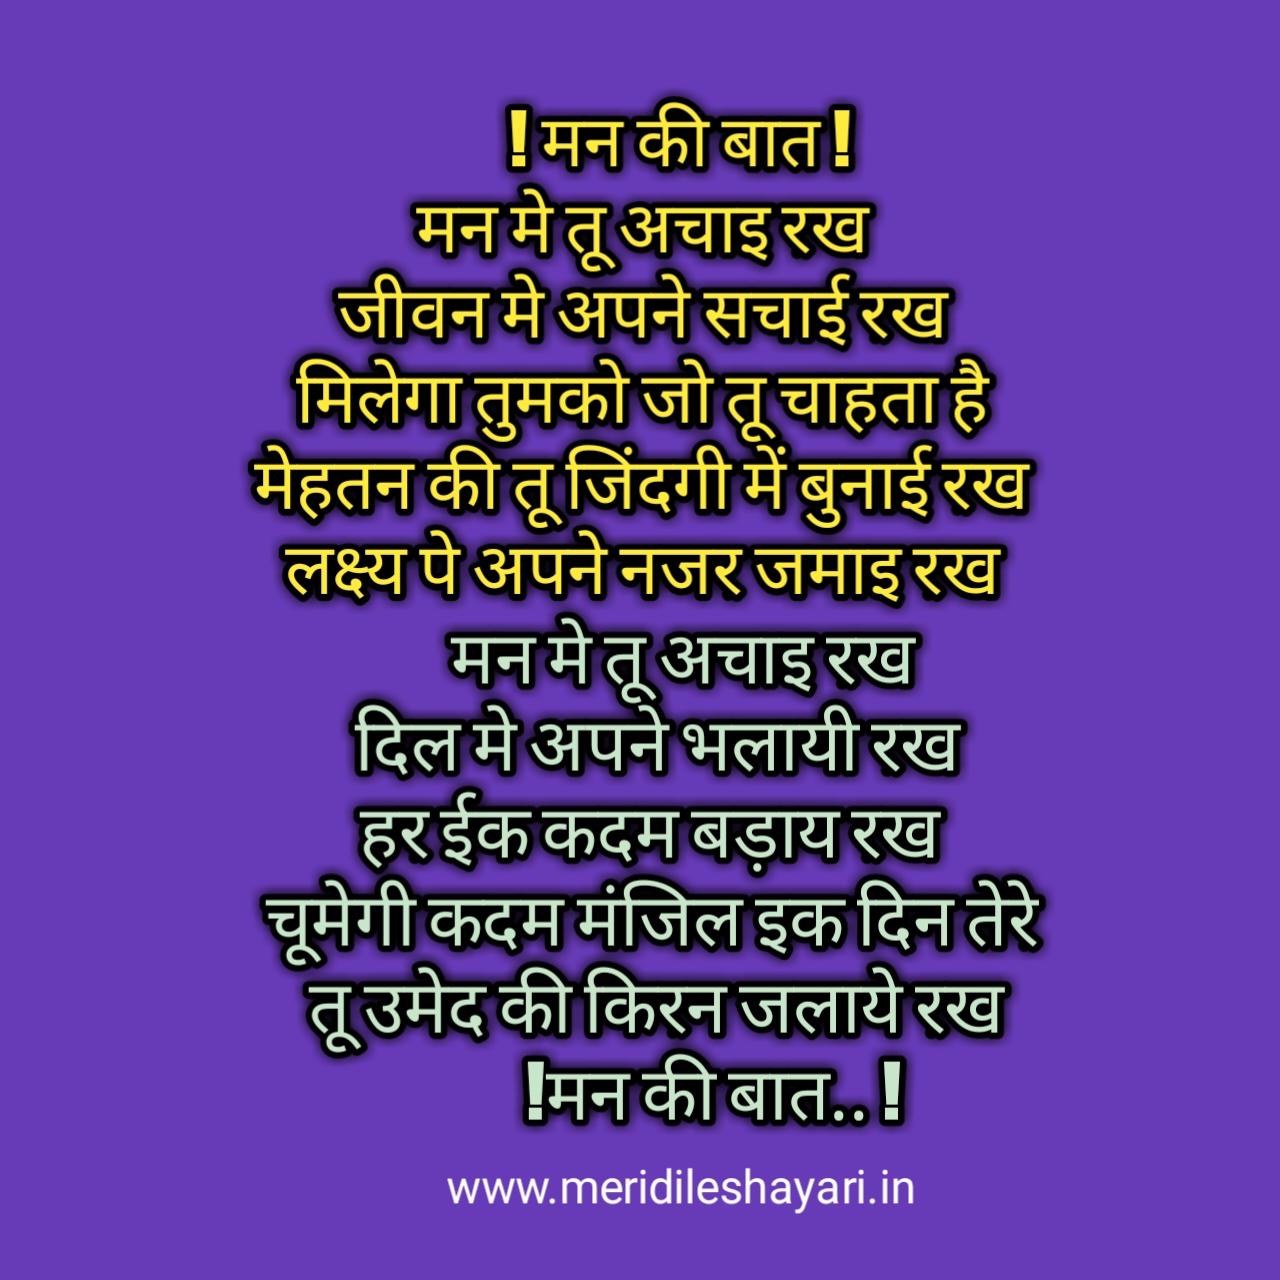 Mann Ki  Shayari ,मन की बात शायरी में आपके लिए ले कर आये है। #mann ki baat Shayari in hindi#dil ki baat Shayari ke sath hindi #dil ki baat shayari status ke sath image. Hope you will like it Mann ki Shayari, Mann movie Shayari, Mann ki Baat Shayari, Mann Shayari, Mann ki Baat Shayari in Hindi, Mann ki awaaz Shayari,